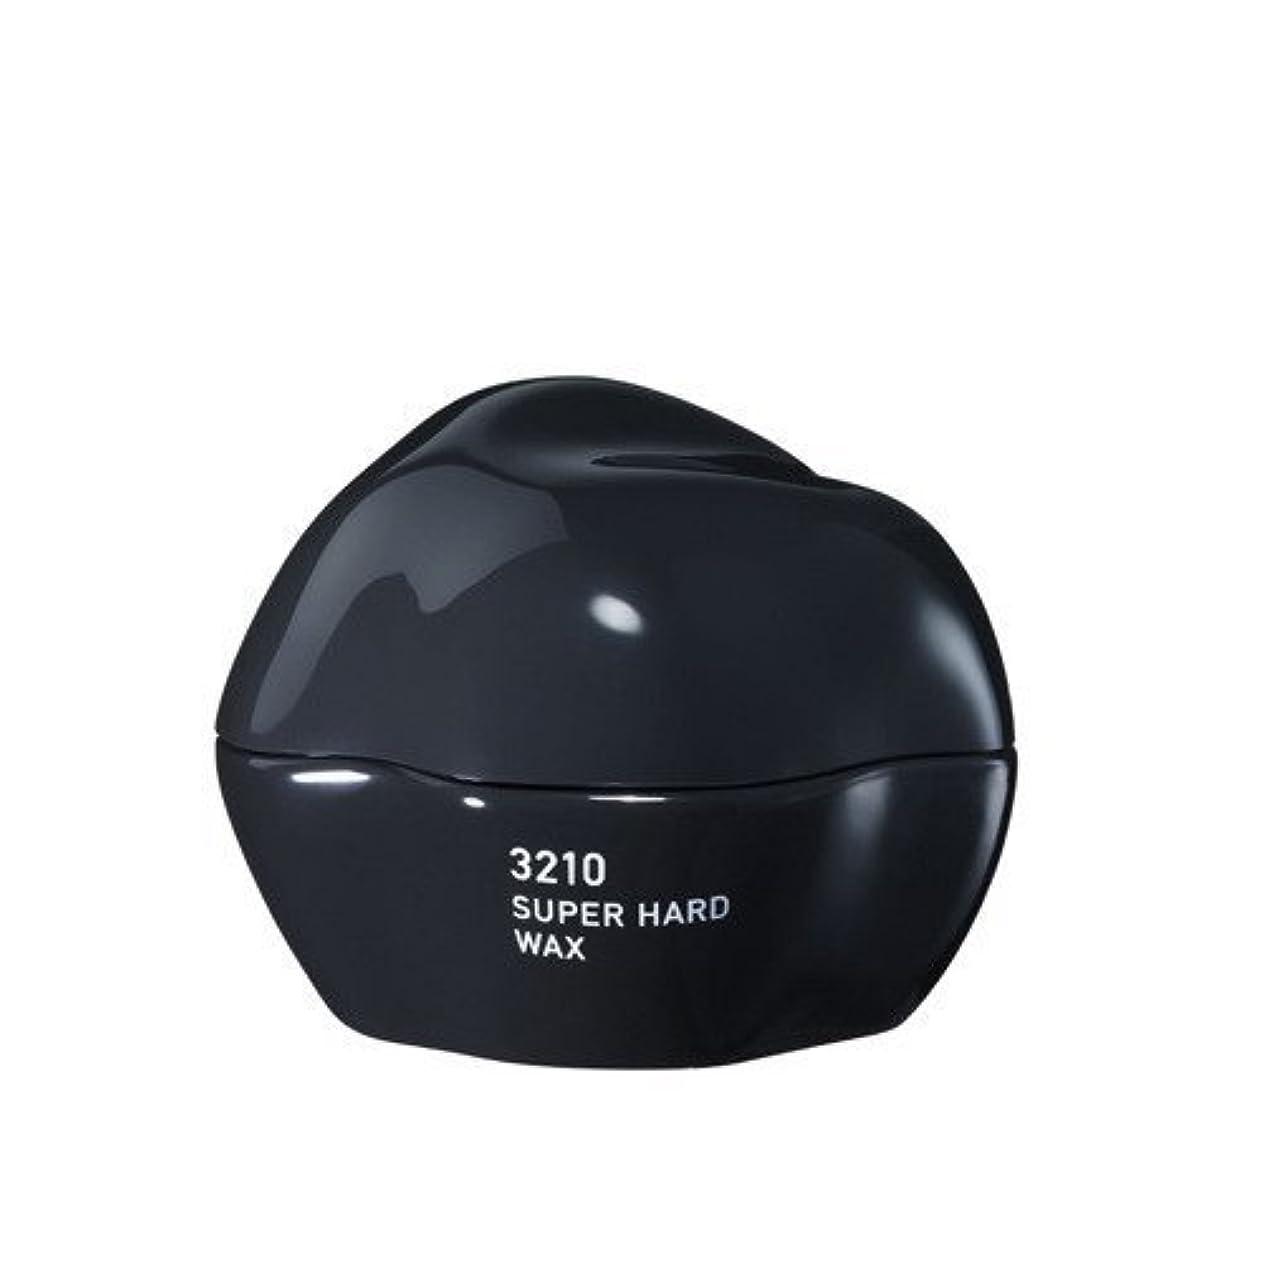 非効率的なしなやかなわかりやすいホーユー ミニーレ スーパーハードワックス 55g